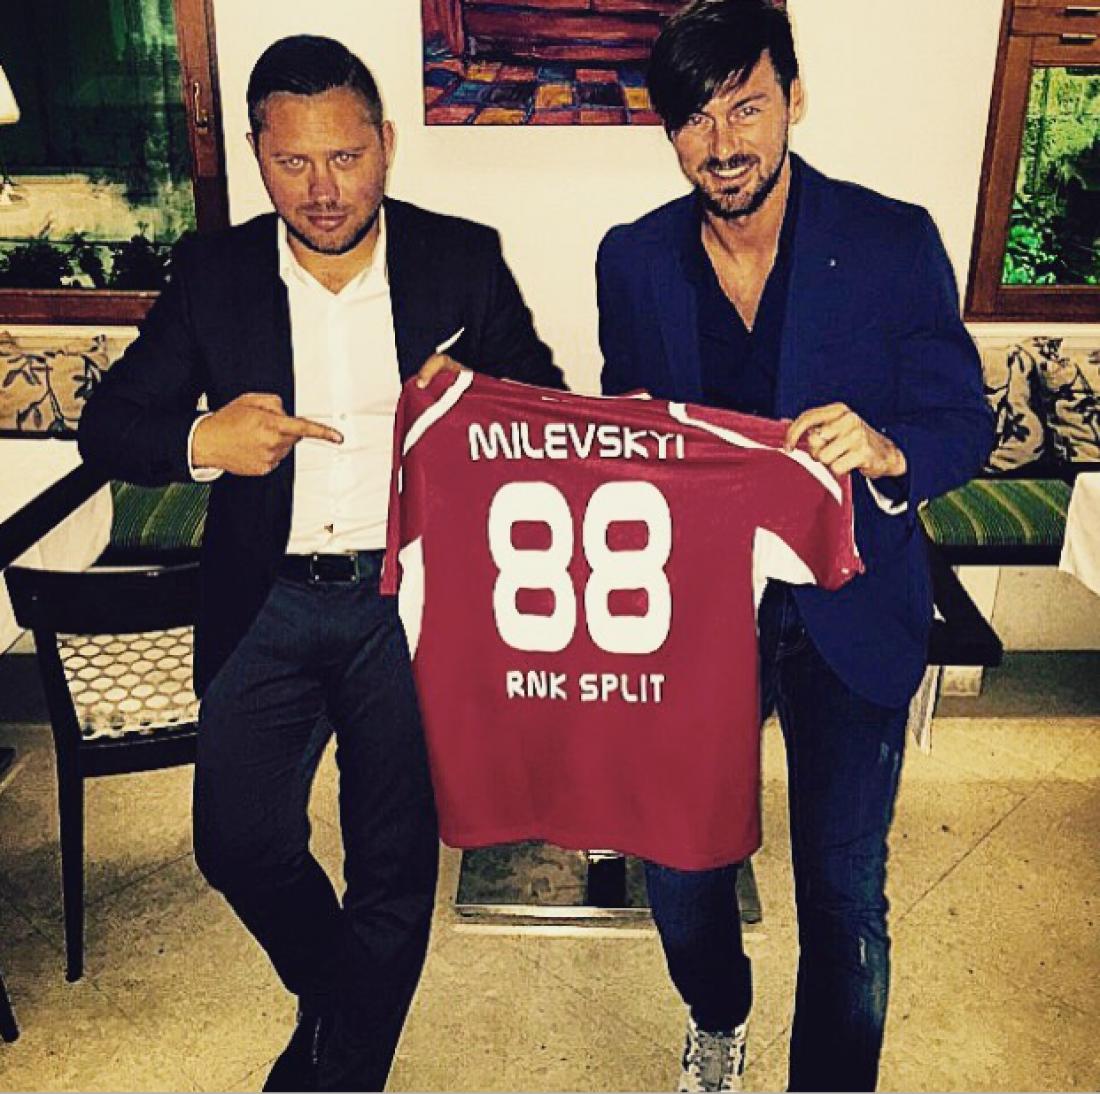 Артем Милевский выставил свою футболку на аукцион